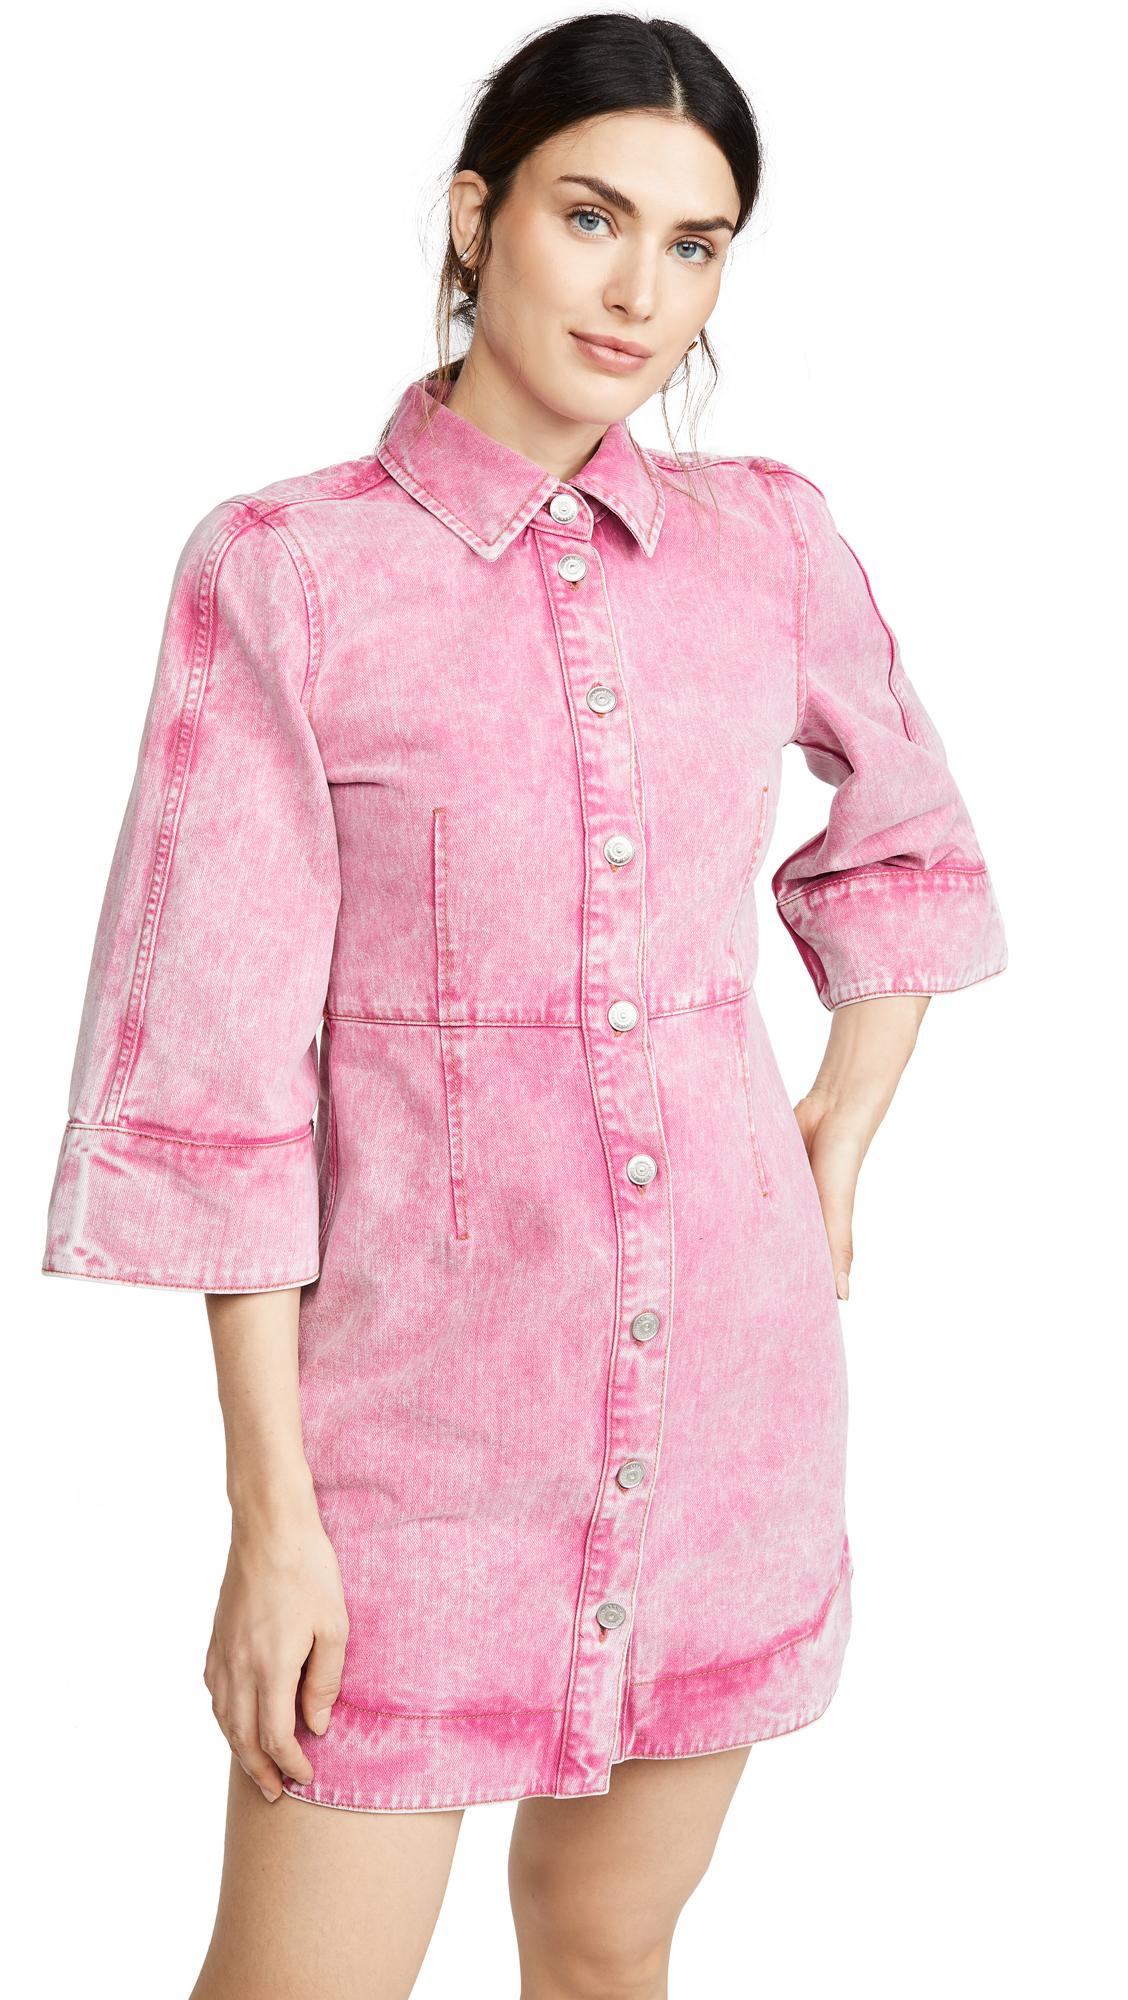 GANNI Washed Denim Dress – 55% Off Sale